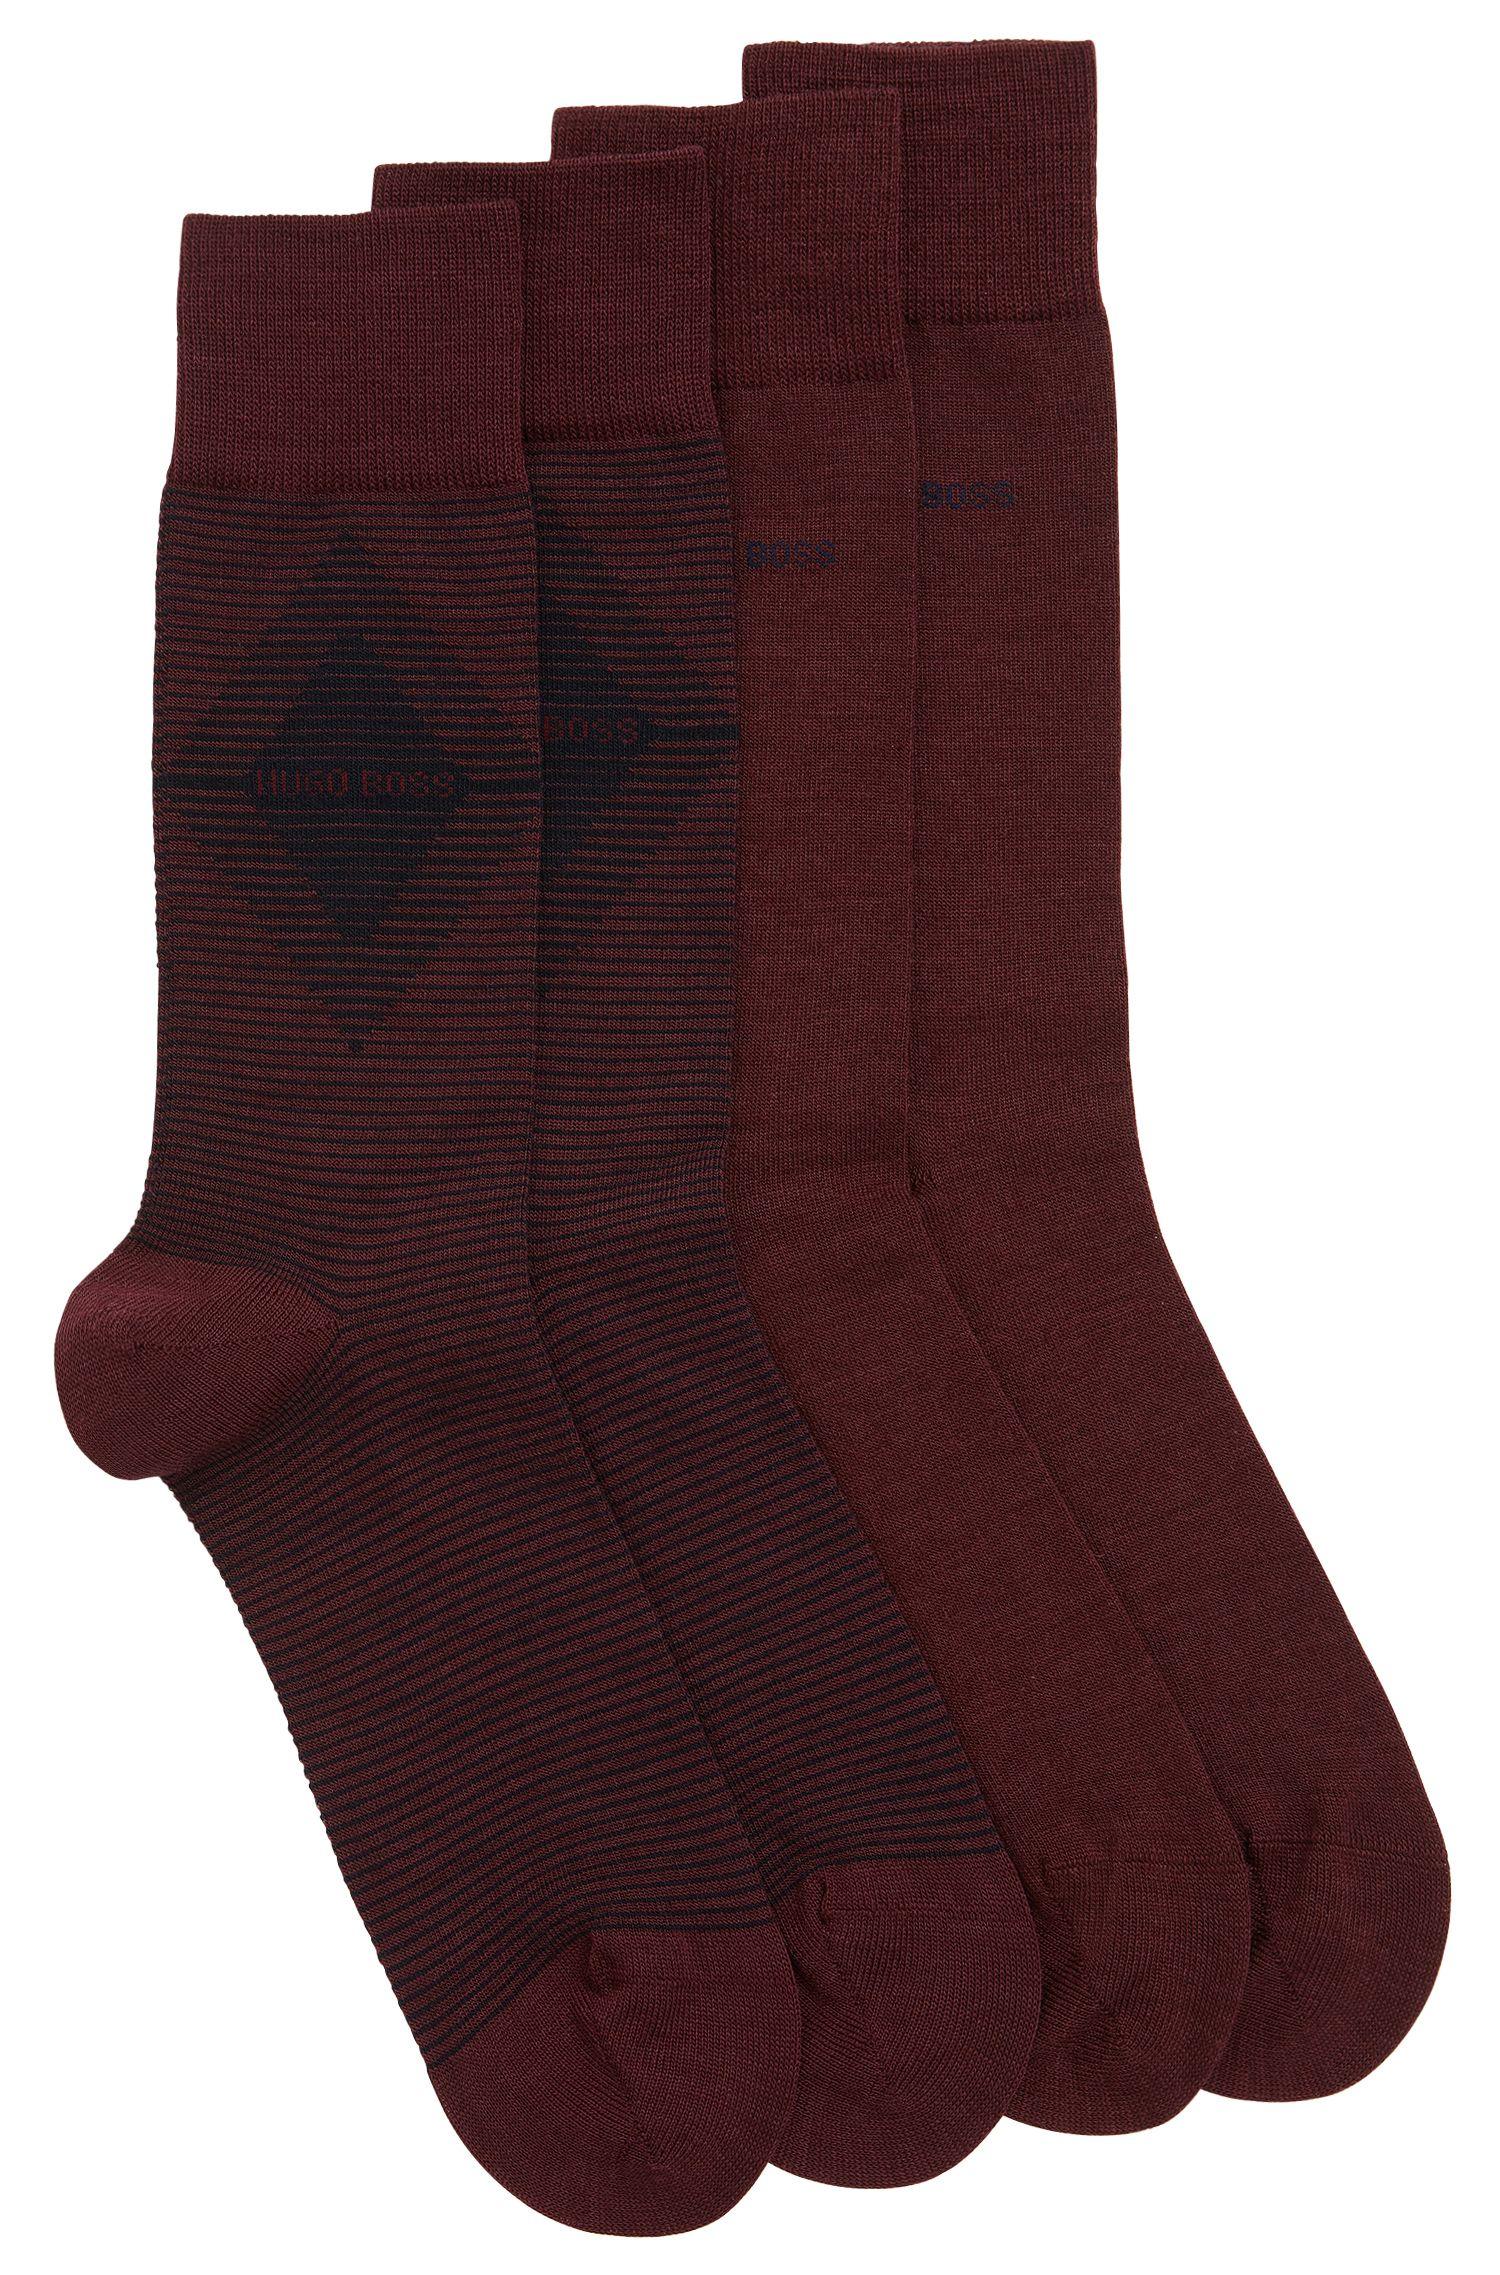 Mittelhohe Socken aus gekämmtem Merinowoll-Mix mit Baumwolle im Zweier-Pack